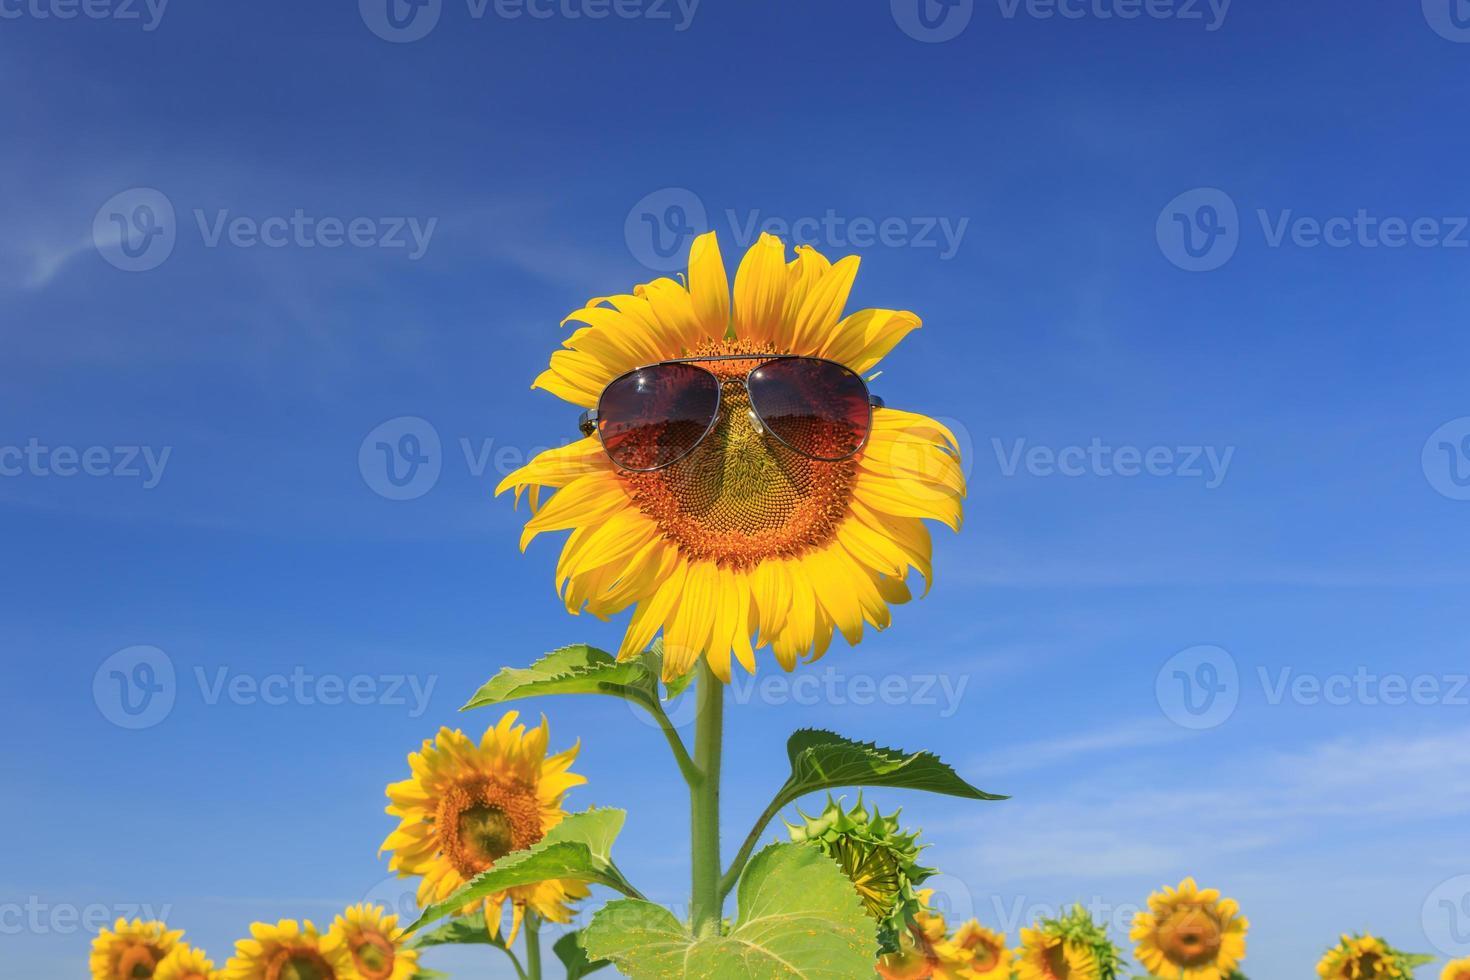 zonbloem tegen een blauwe hemel foto